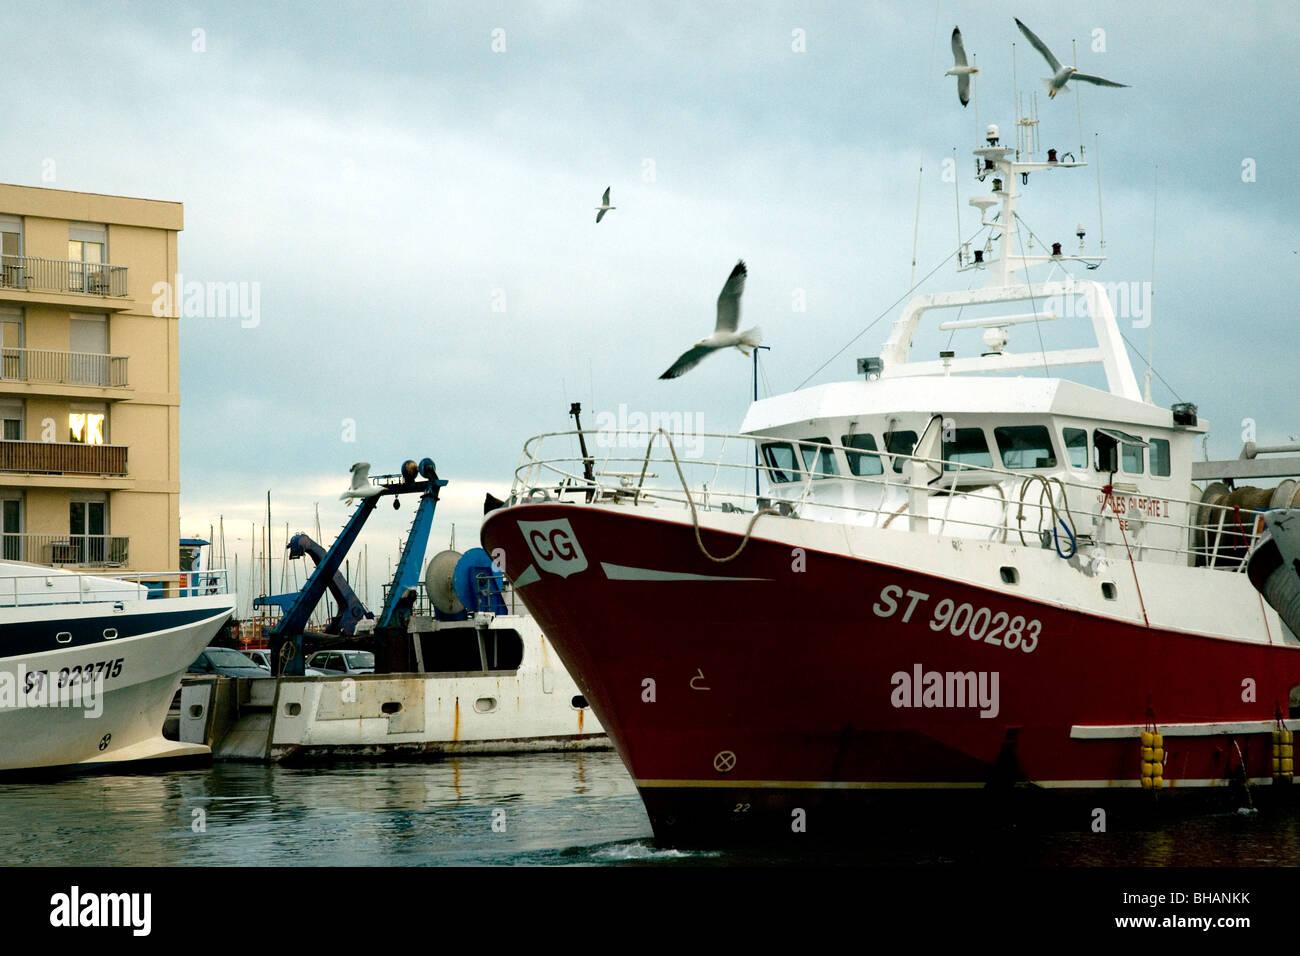 En Sète, Francia, el mayor puerto pesquero del Mediterráneo, un rawler entra en el Canal Real Foto de stock